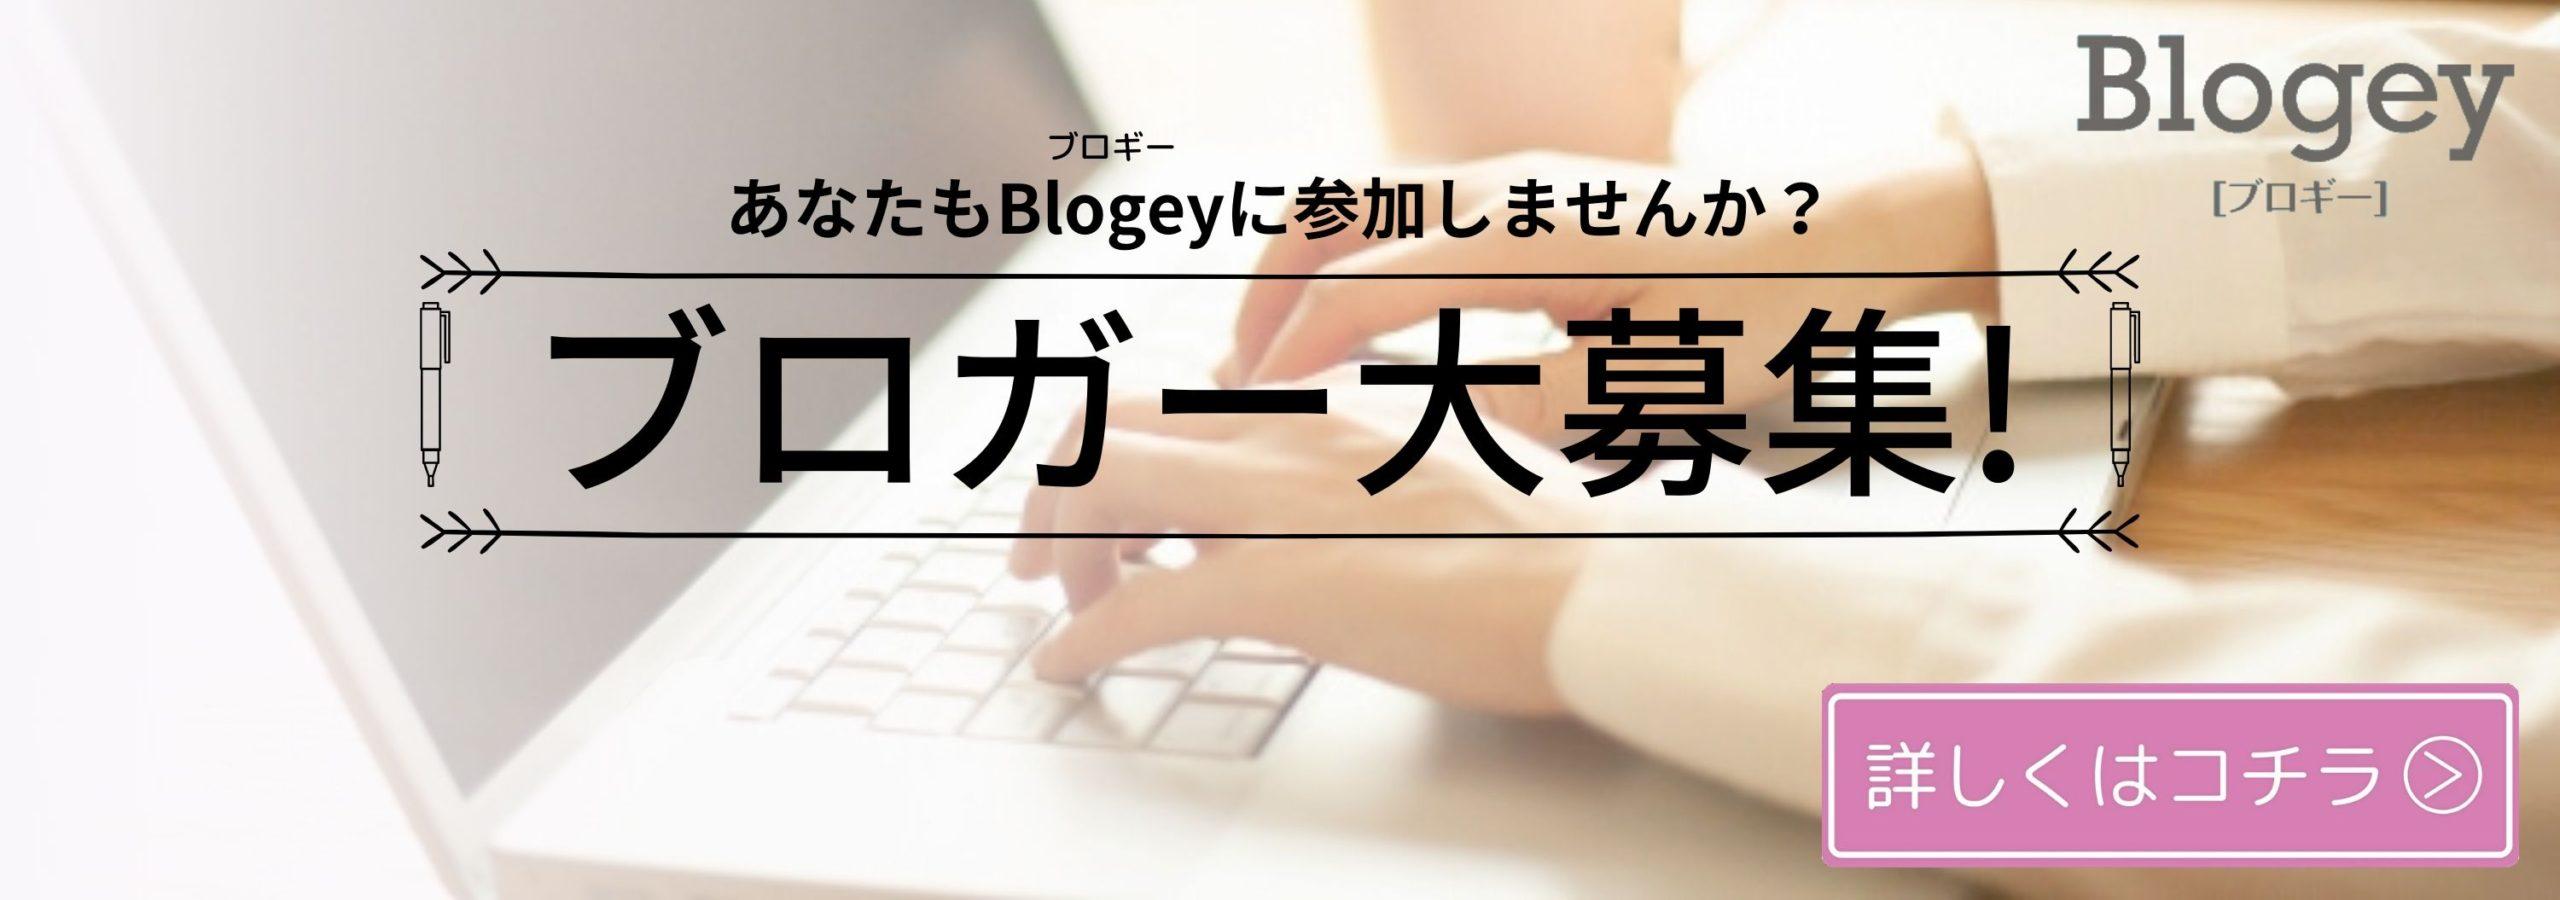 Blogey公式ブロガー募集